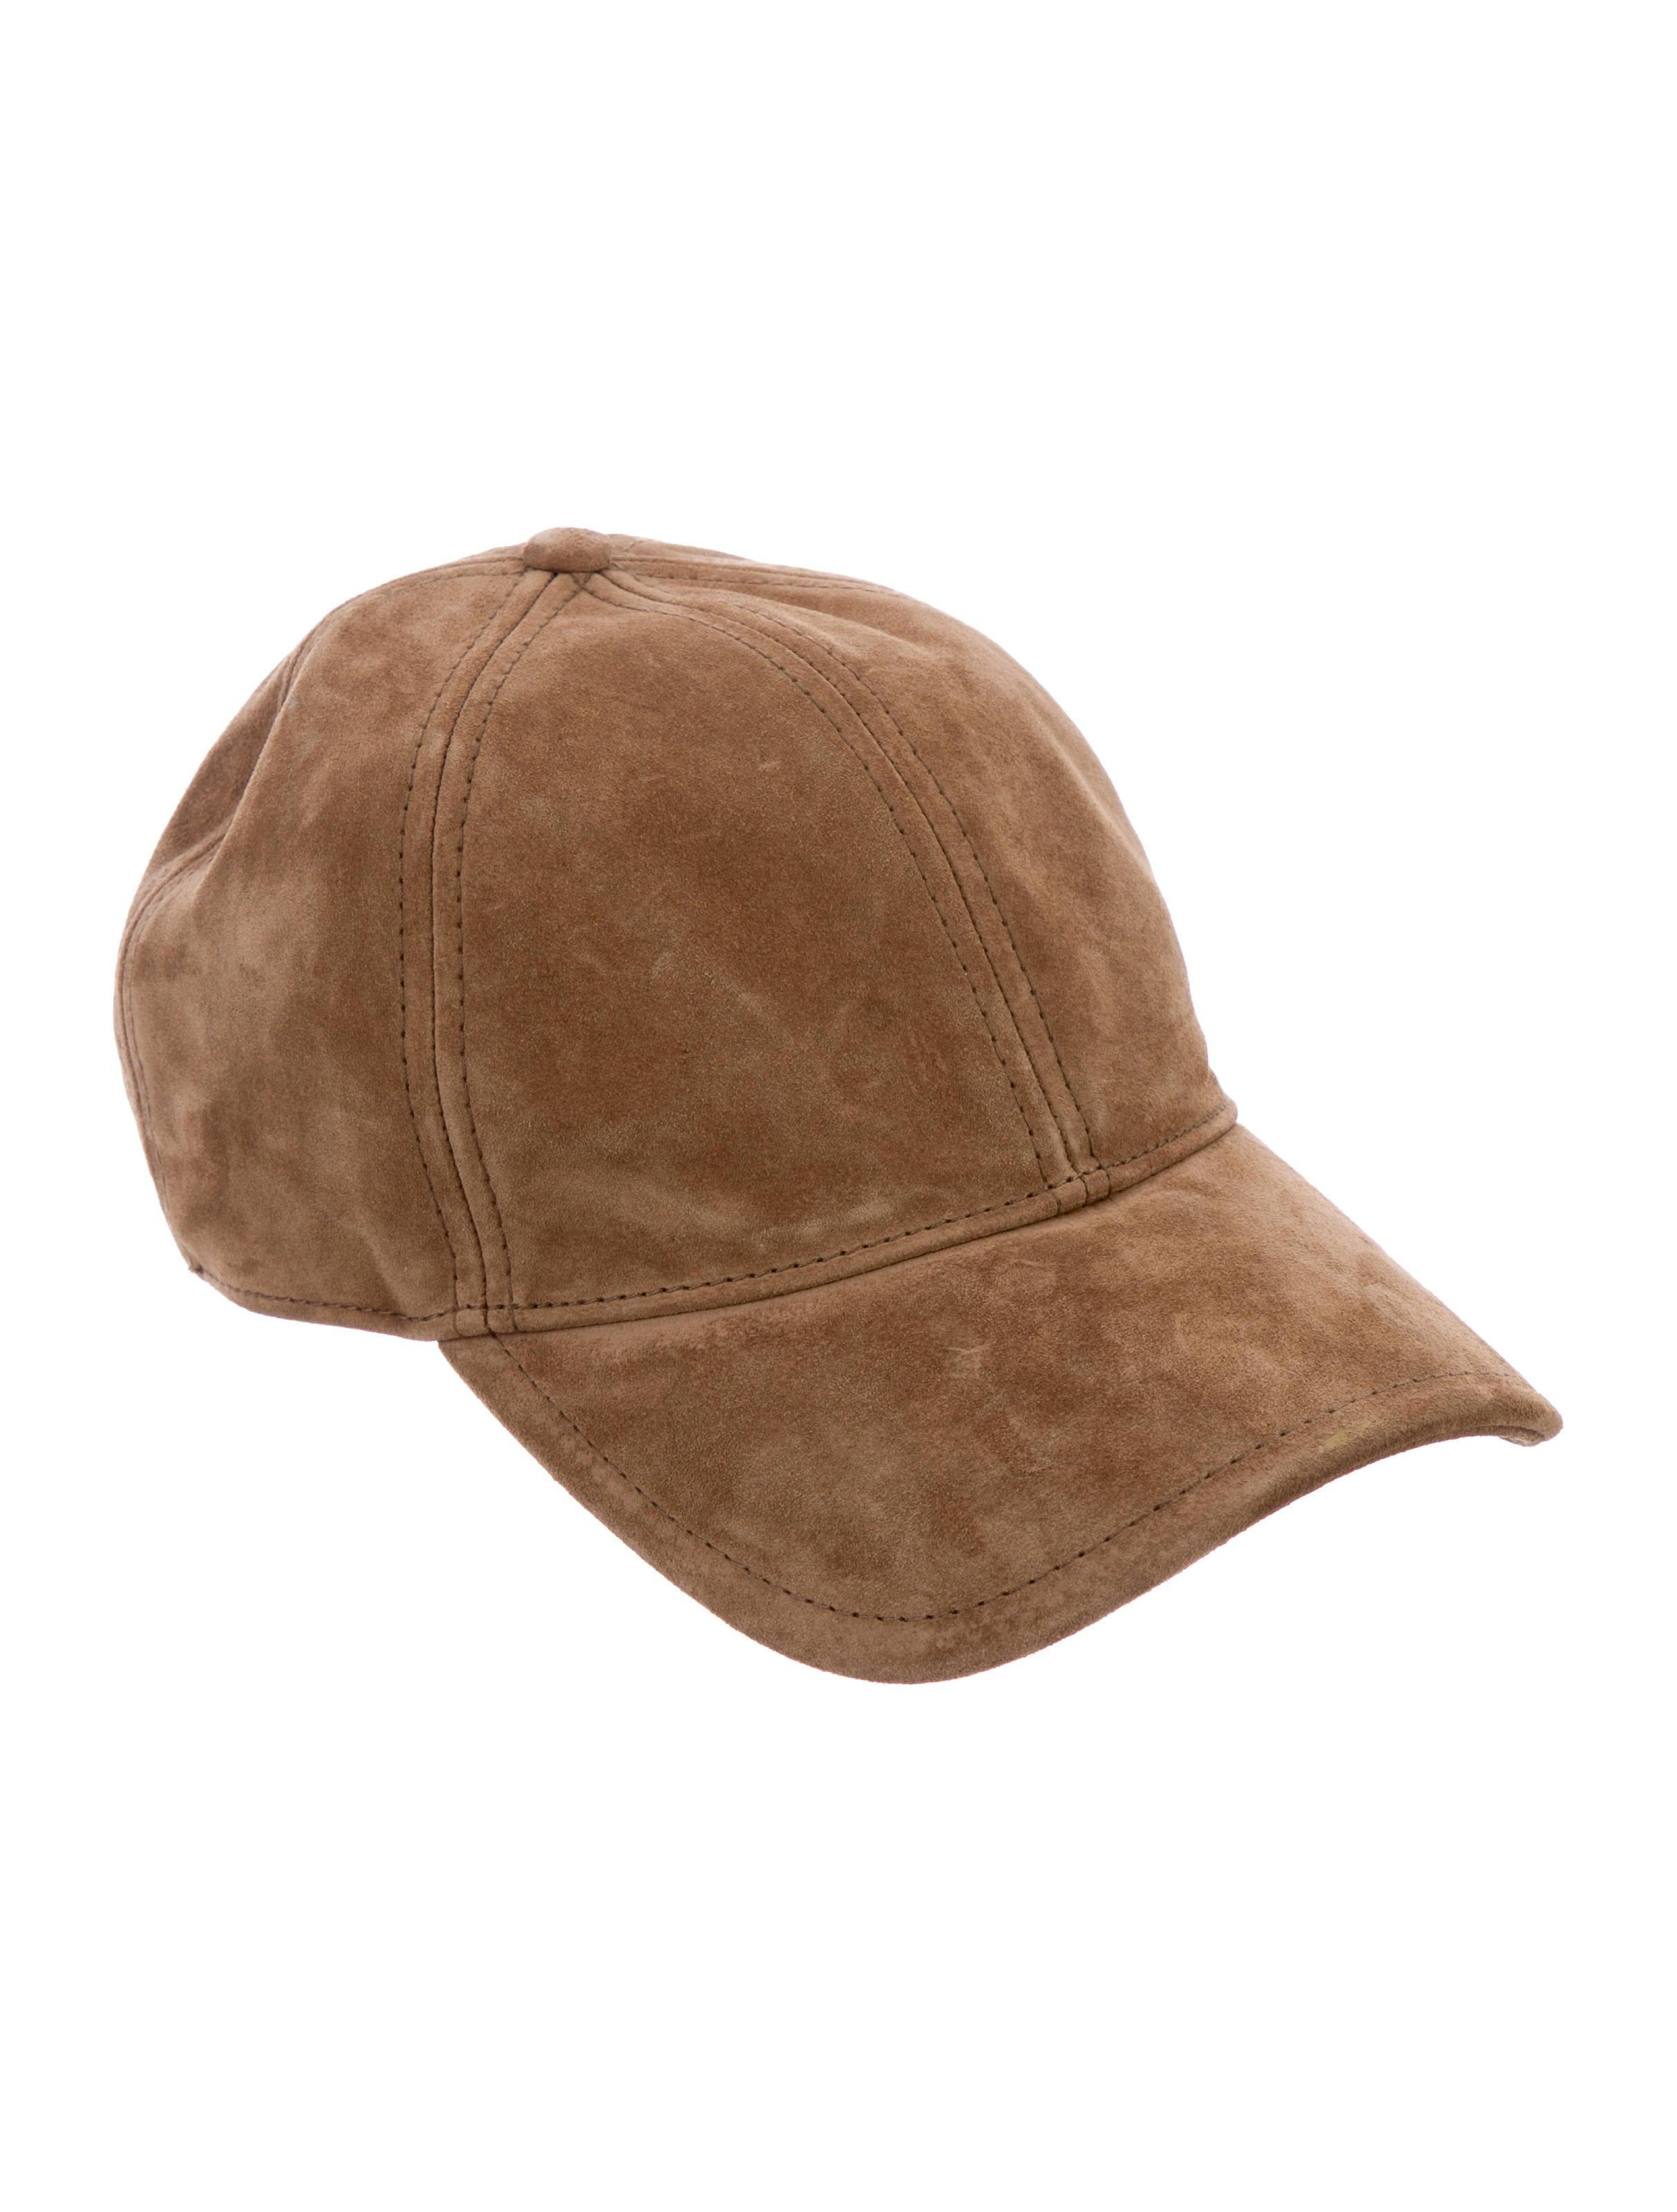 Rag   Bone Camel Suede Hat - Accessories - WRAGB65658  75167cdf3b1